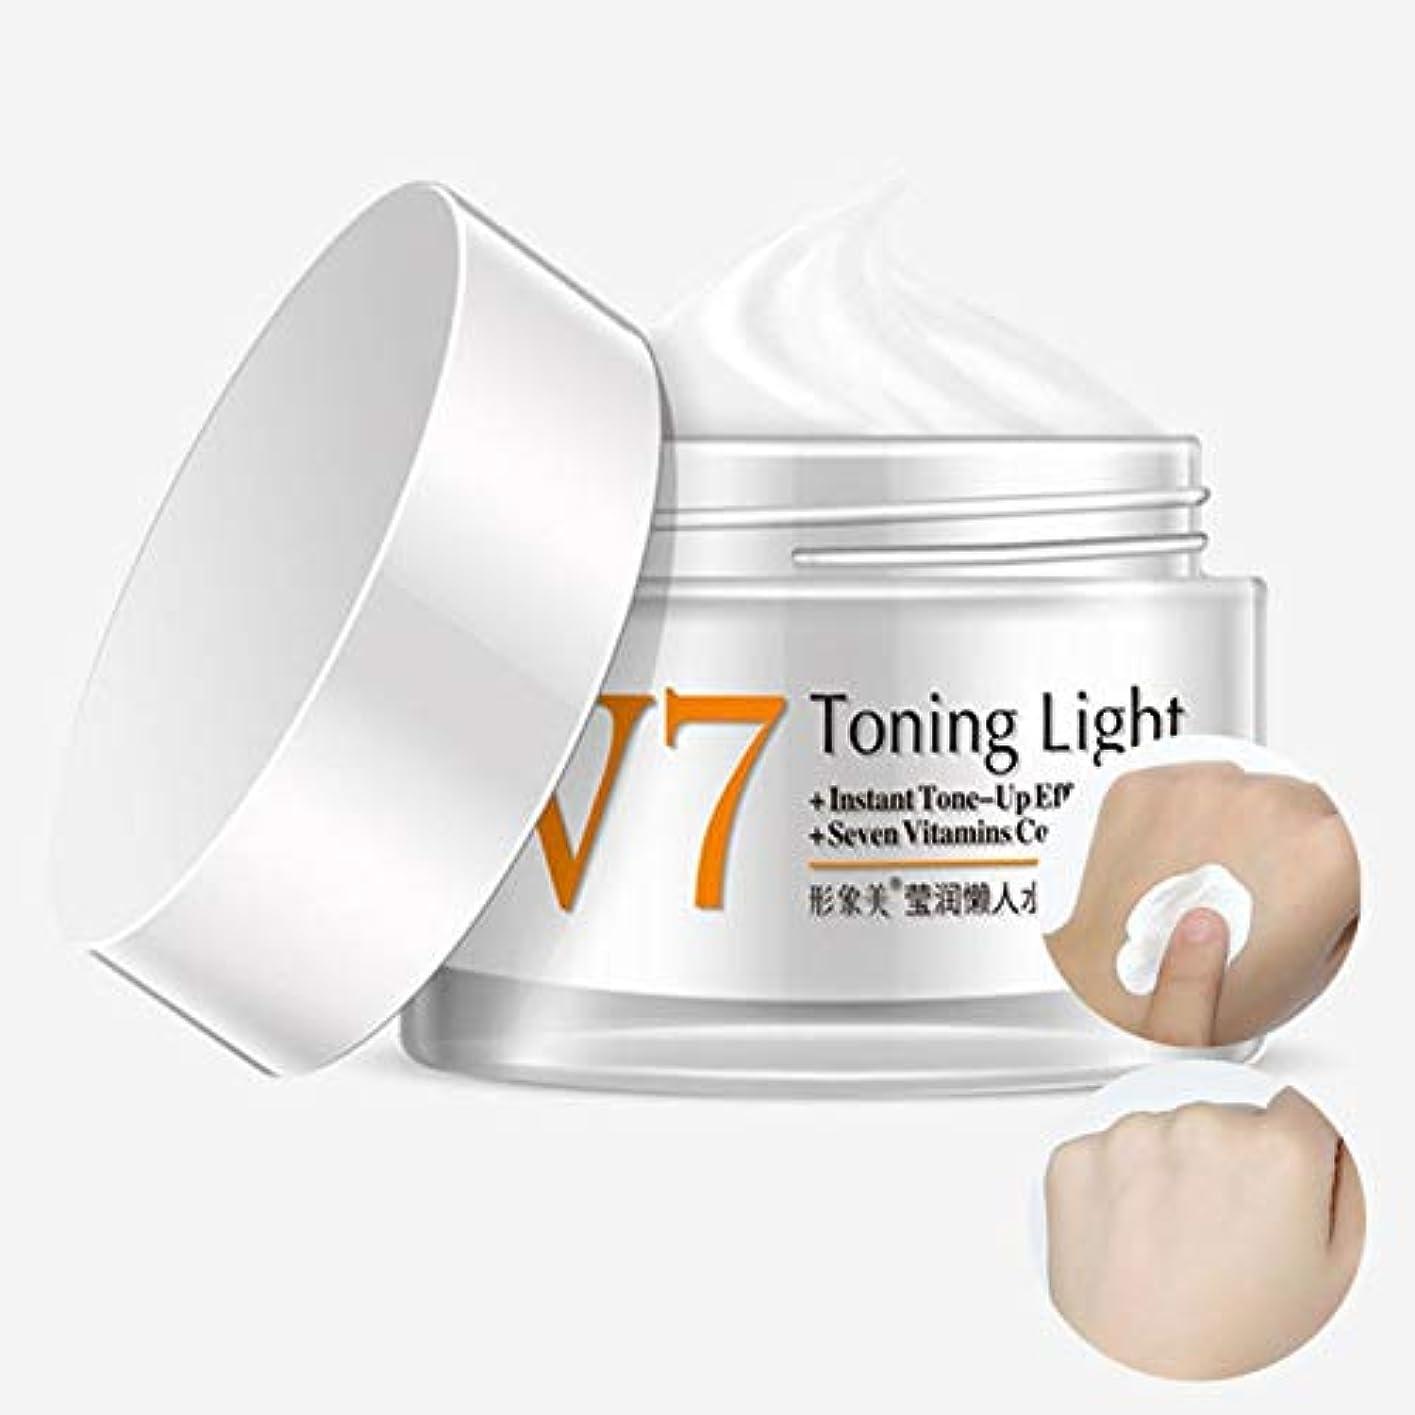 睡眠球状創造寧デイクリーム保湿洗顔Clsing保湿栄養フェイシャルケア2017コー化粧品50グラム